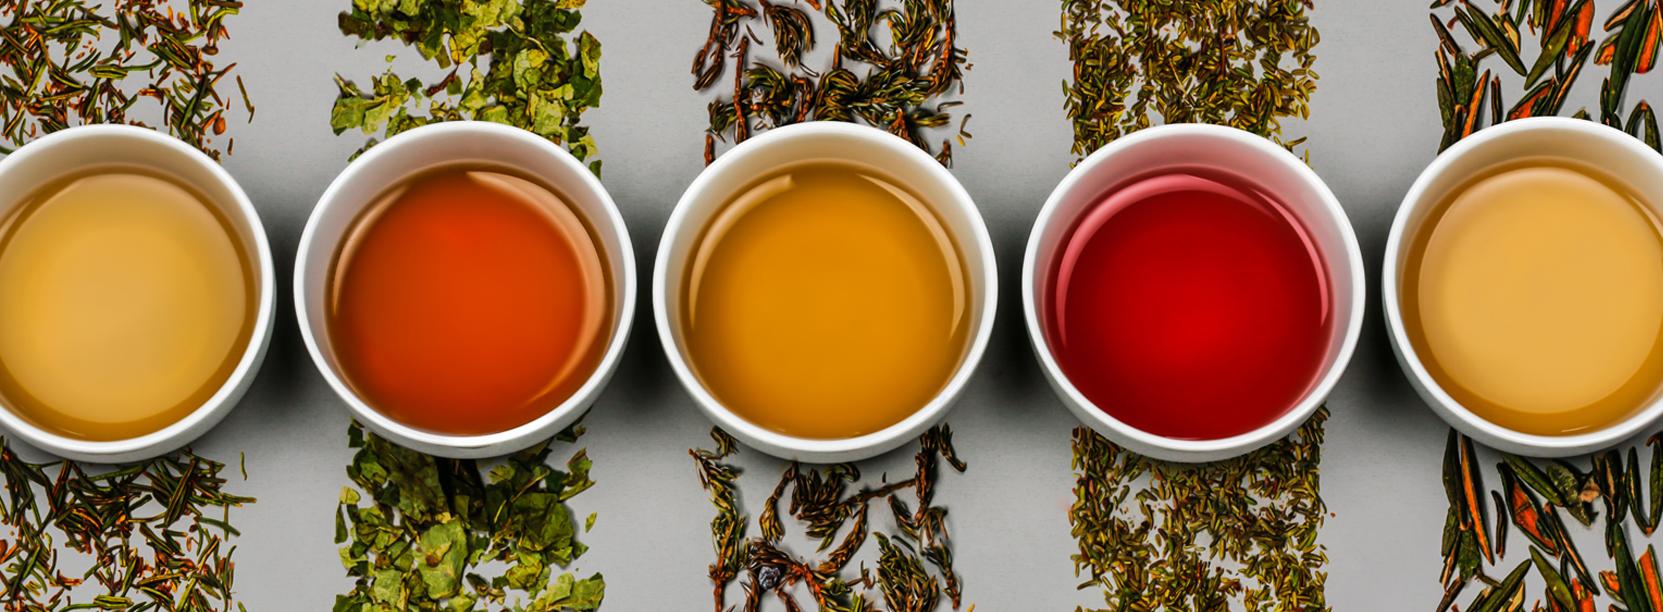 لیست قیمت چای لاهیجان